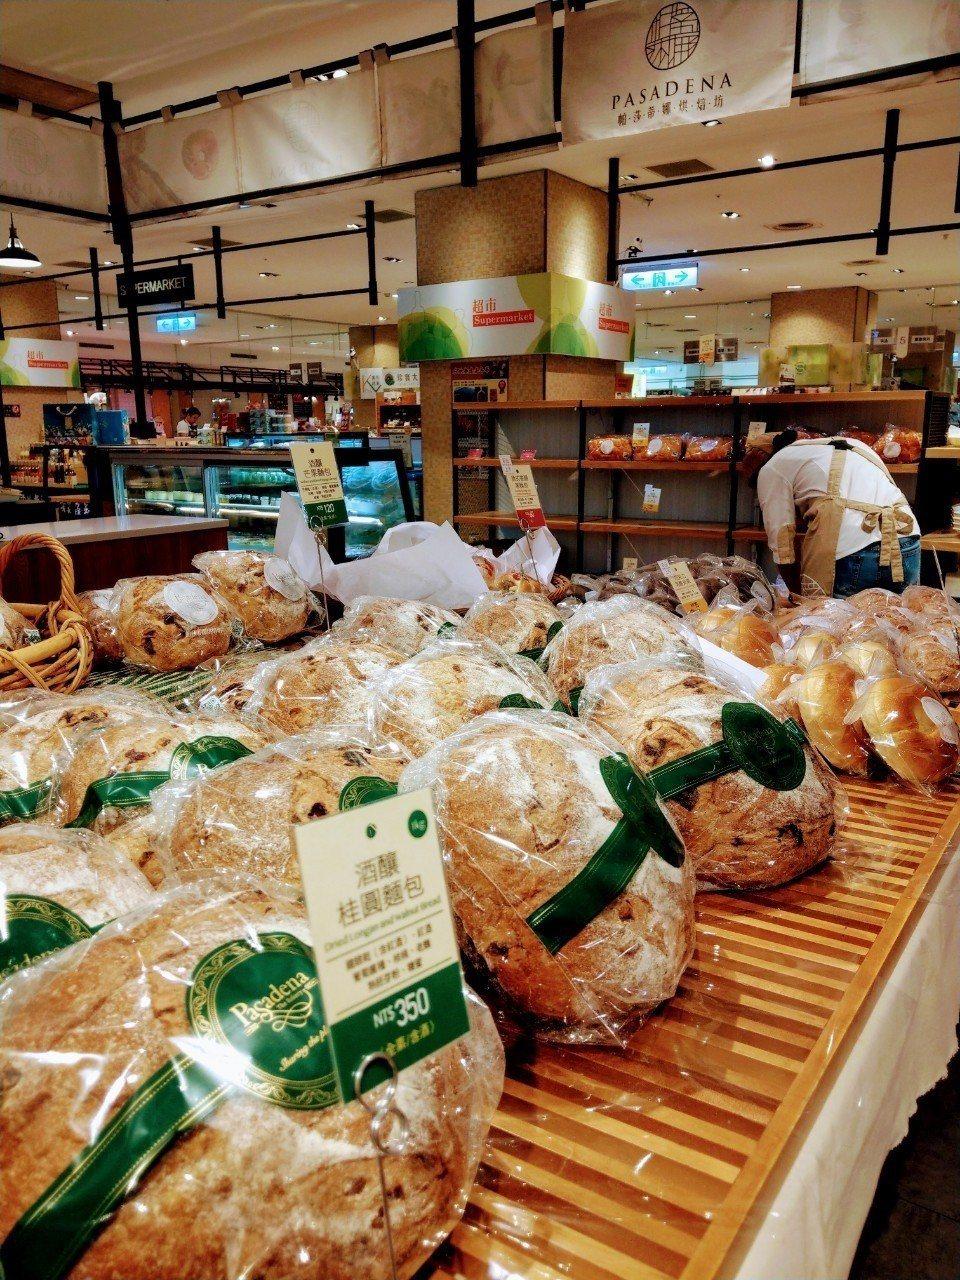 慶祝快閃店開幕,特別推出多款新口味麵包。  帕莎蒂娜烘焙坊 提供